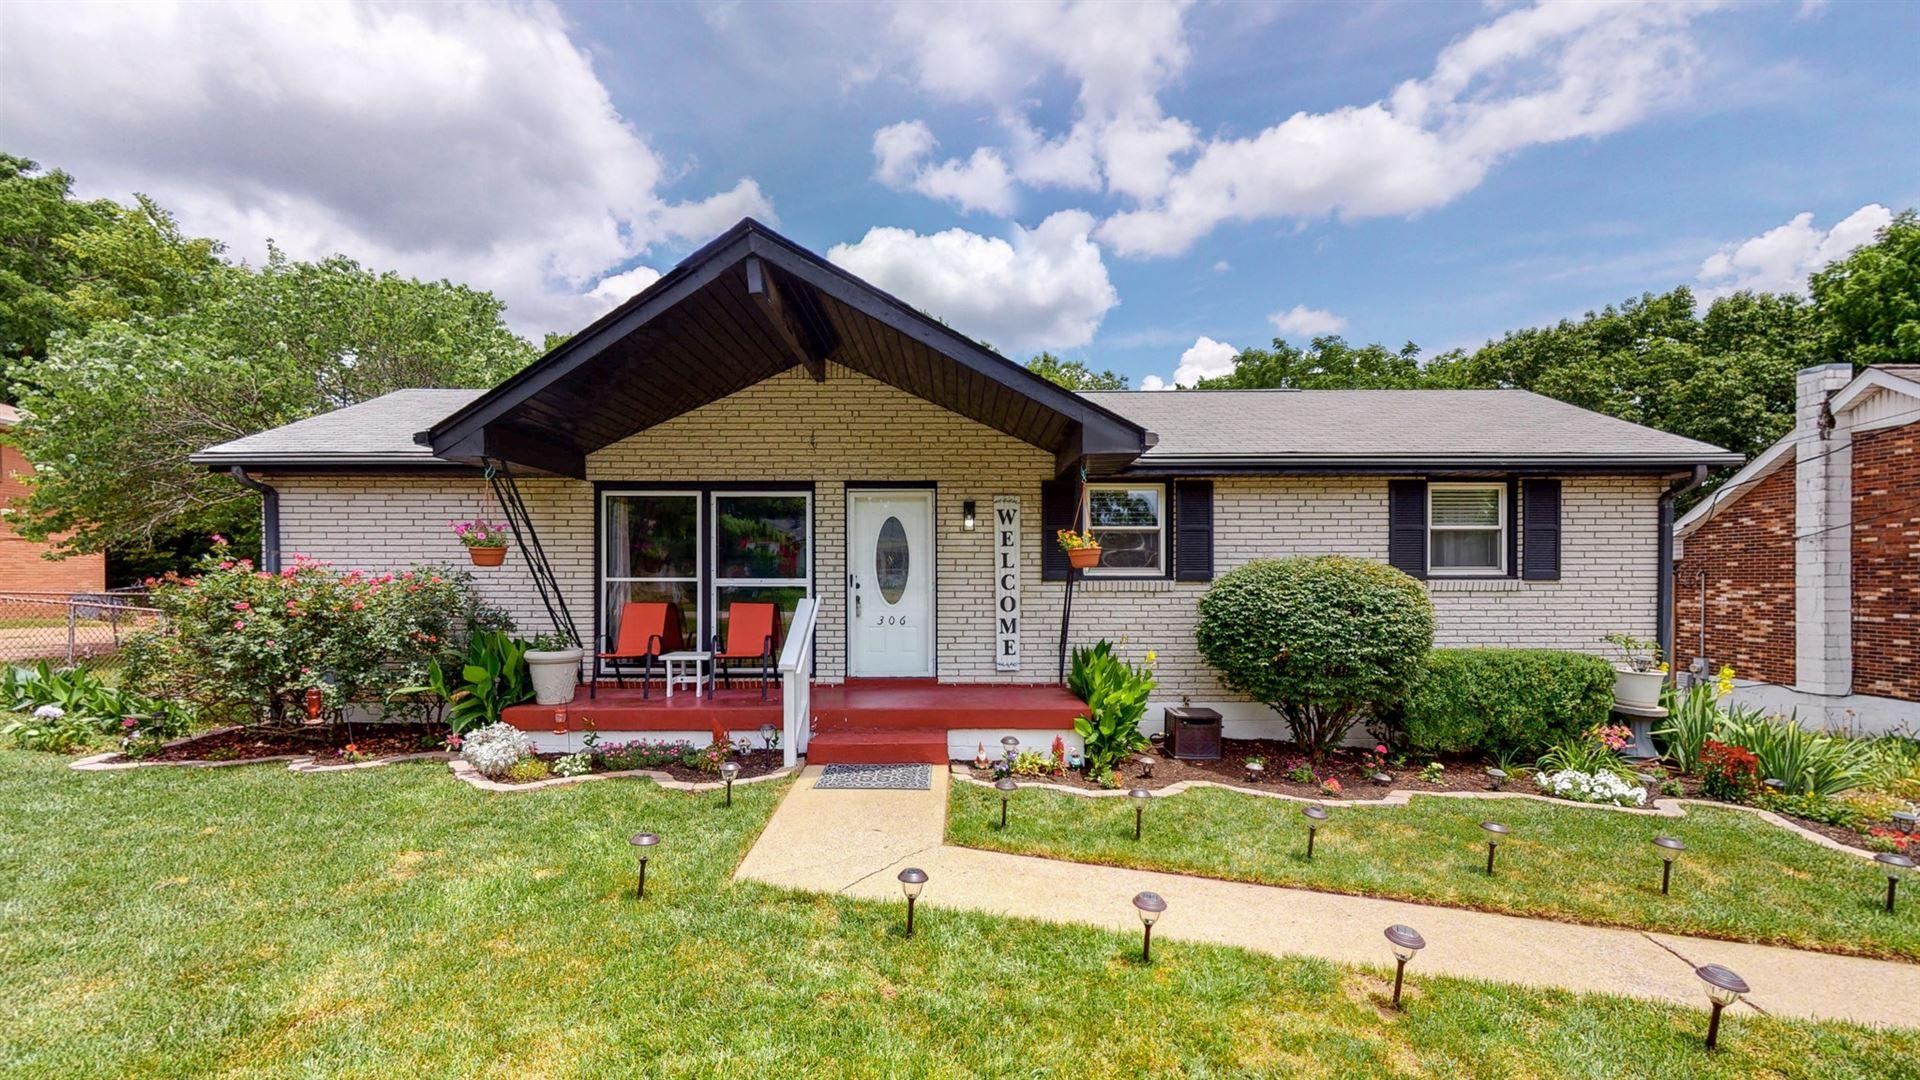 306 Honeyhill Dr, Nashville, TN 37217 - MLS#: 2264111